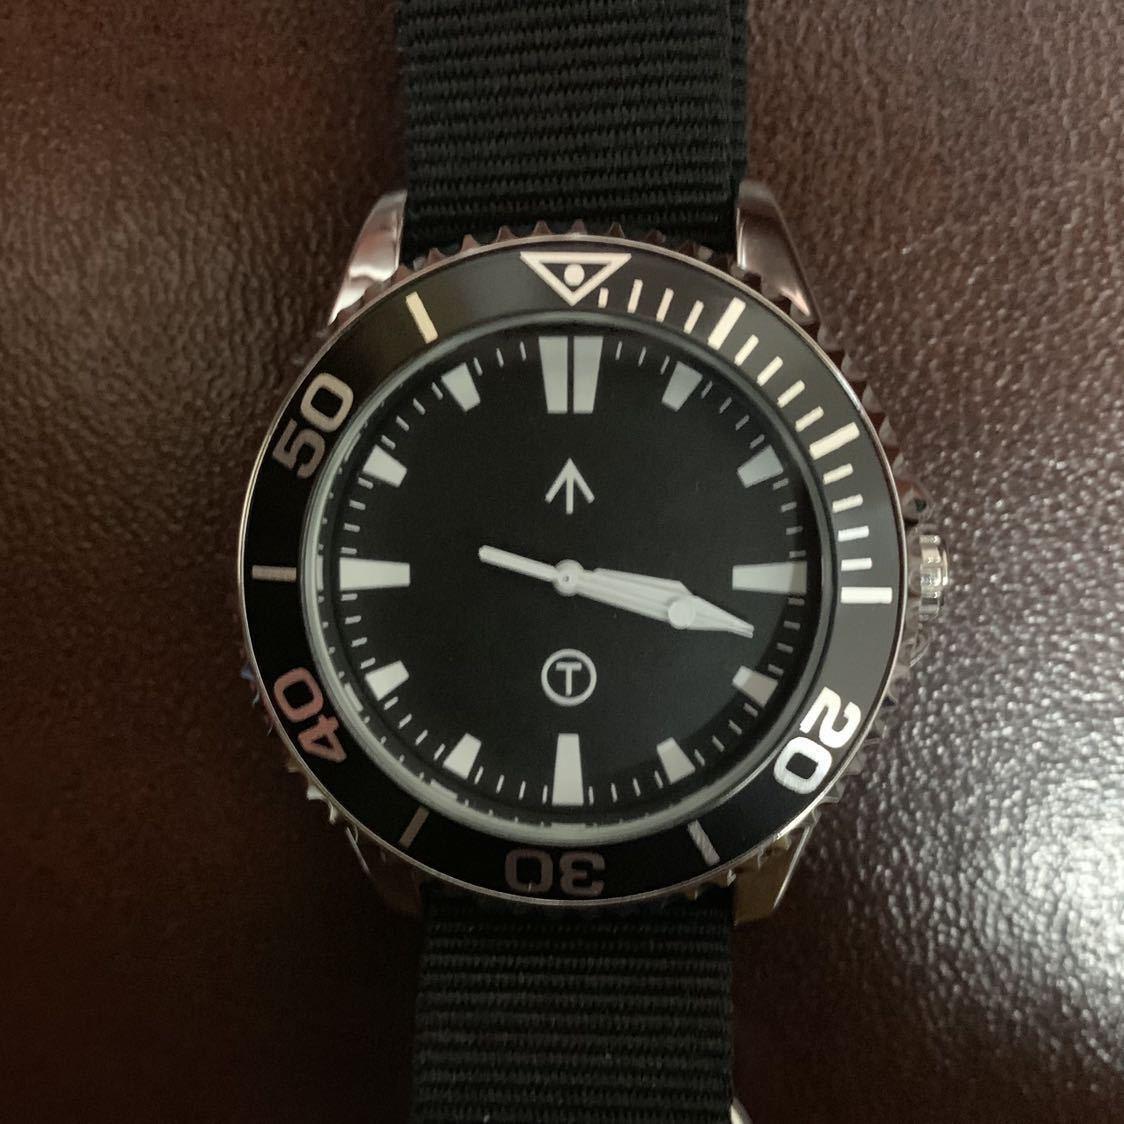 新品 未使用 TIME ARROW WATCH ミリタリー ダイバー クォーツ 腕時計 時計 軍用 オマージュ